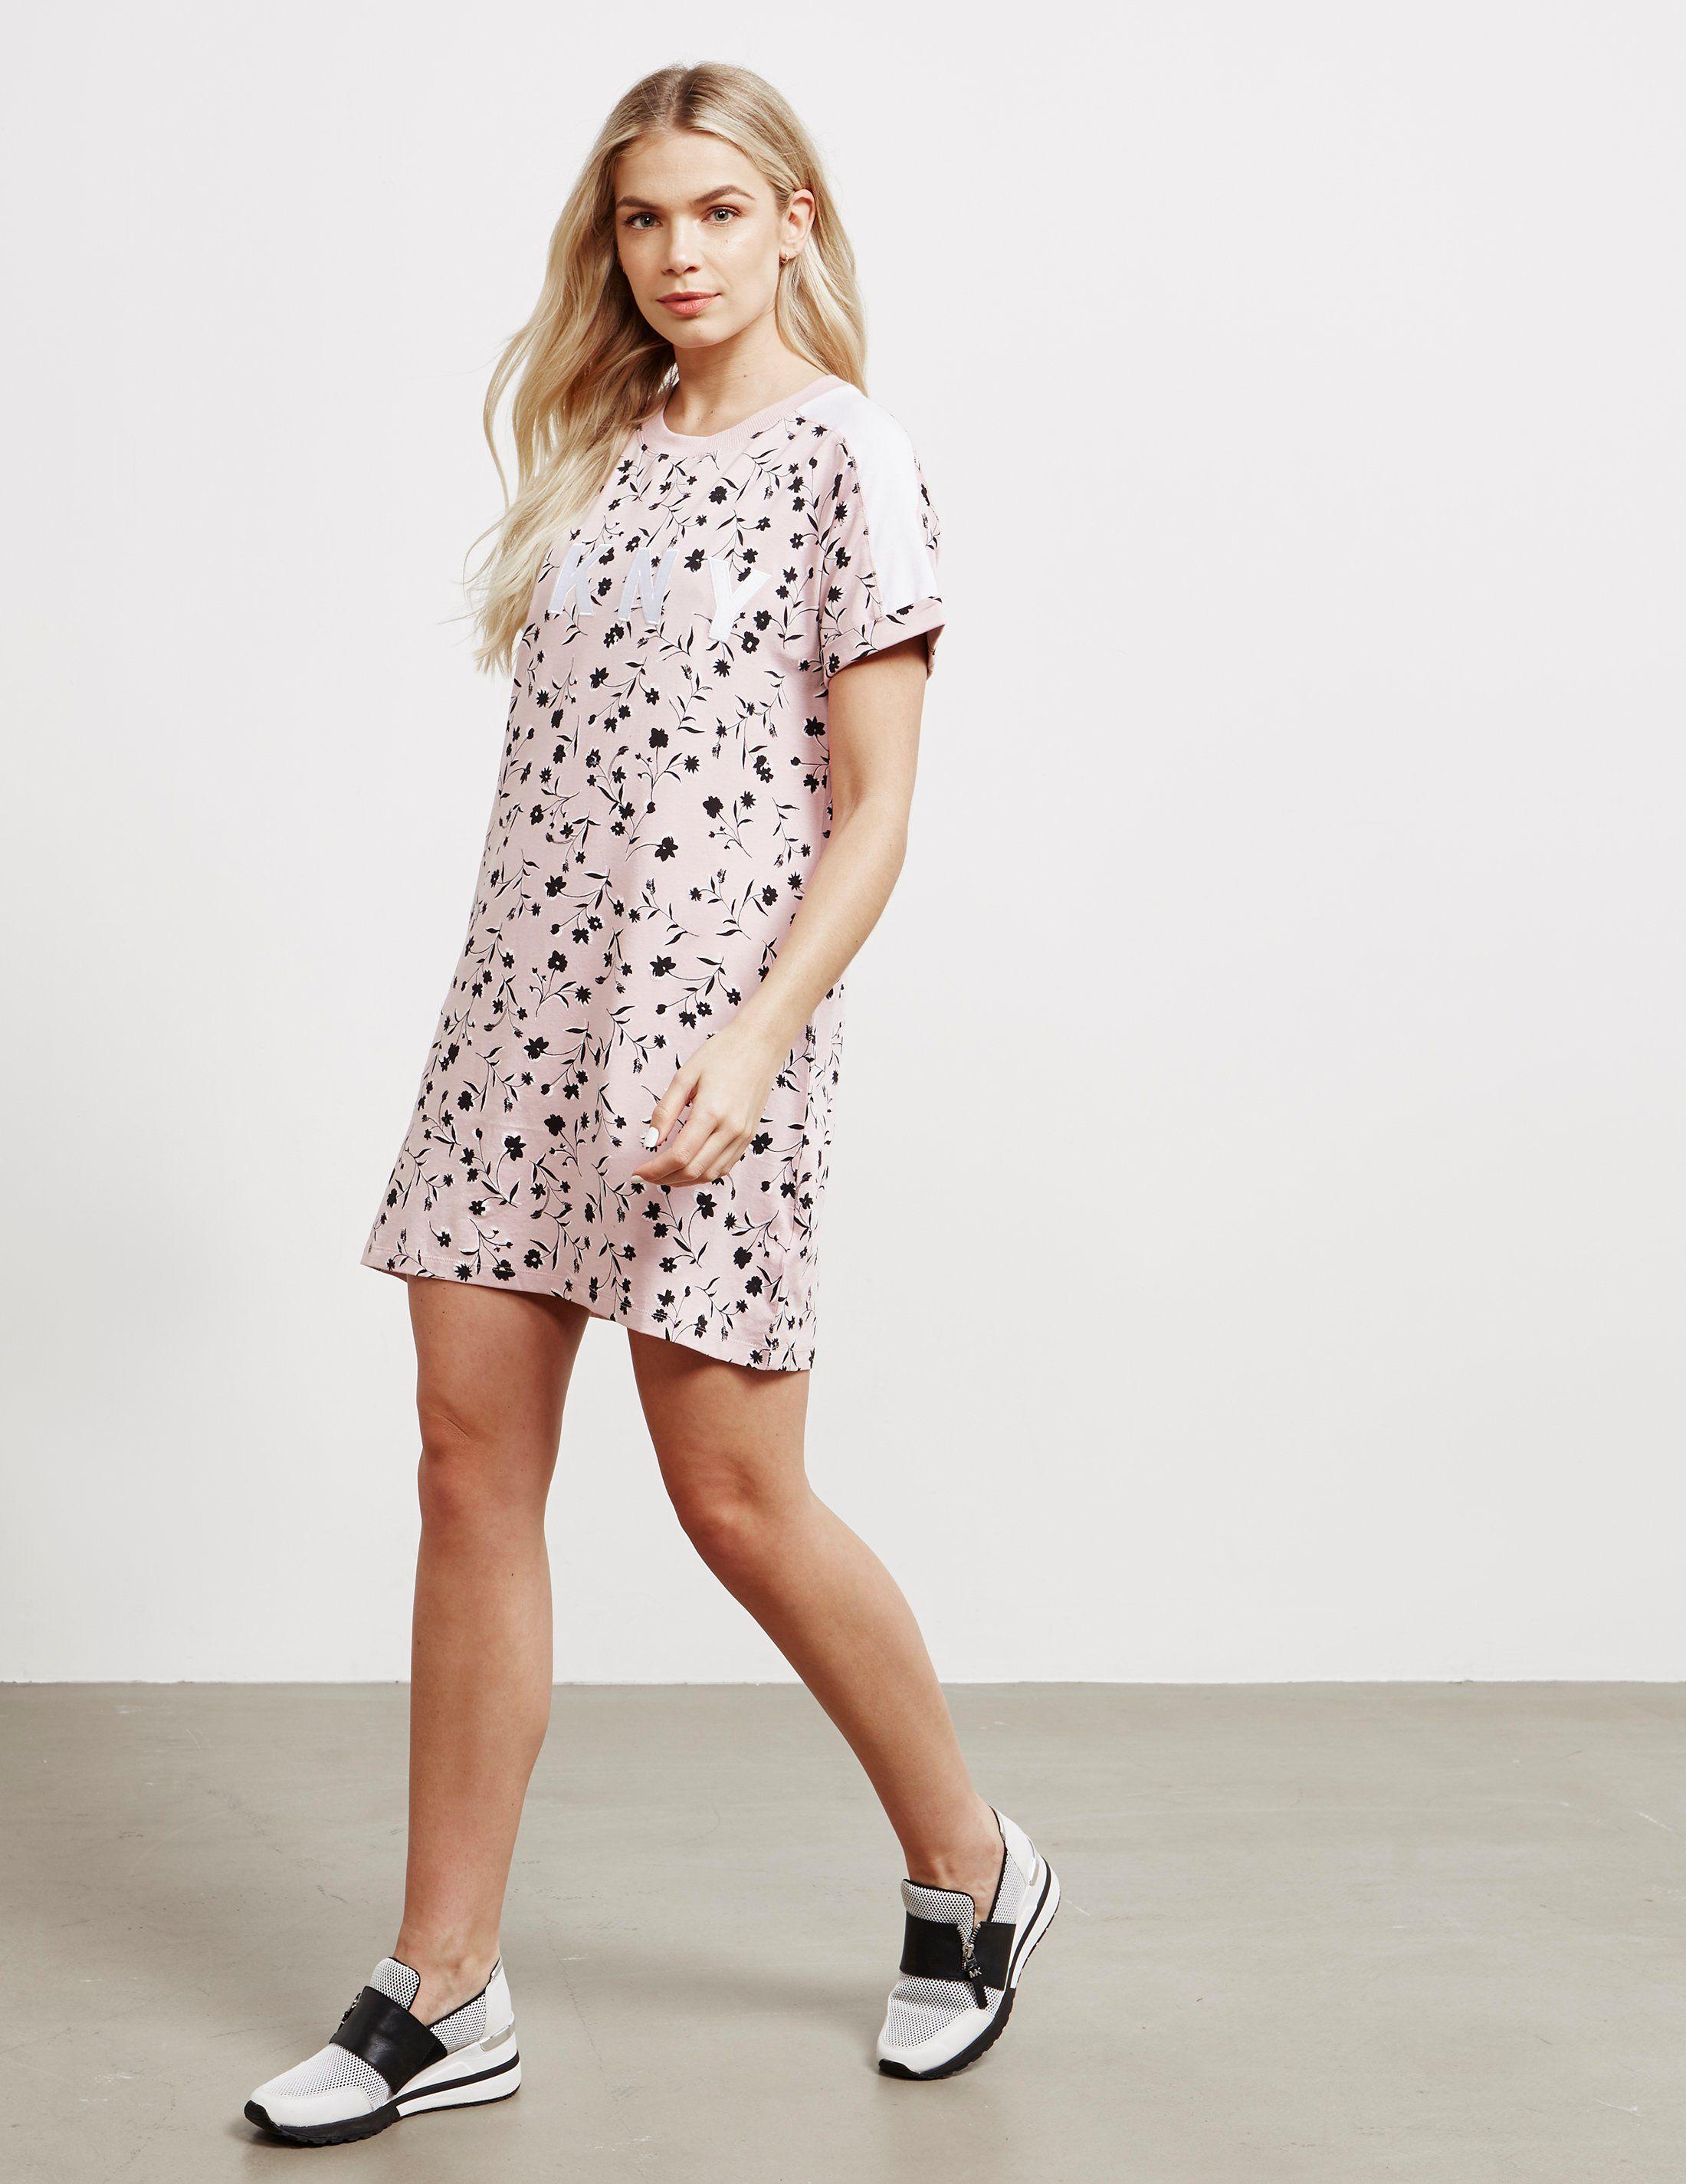 DKNY Floral T-Shirt Dress